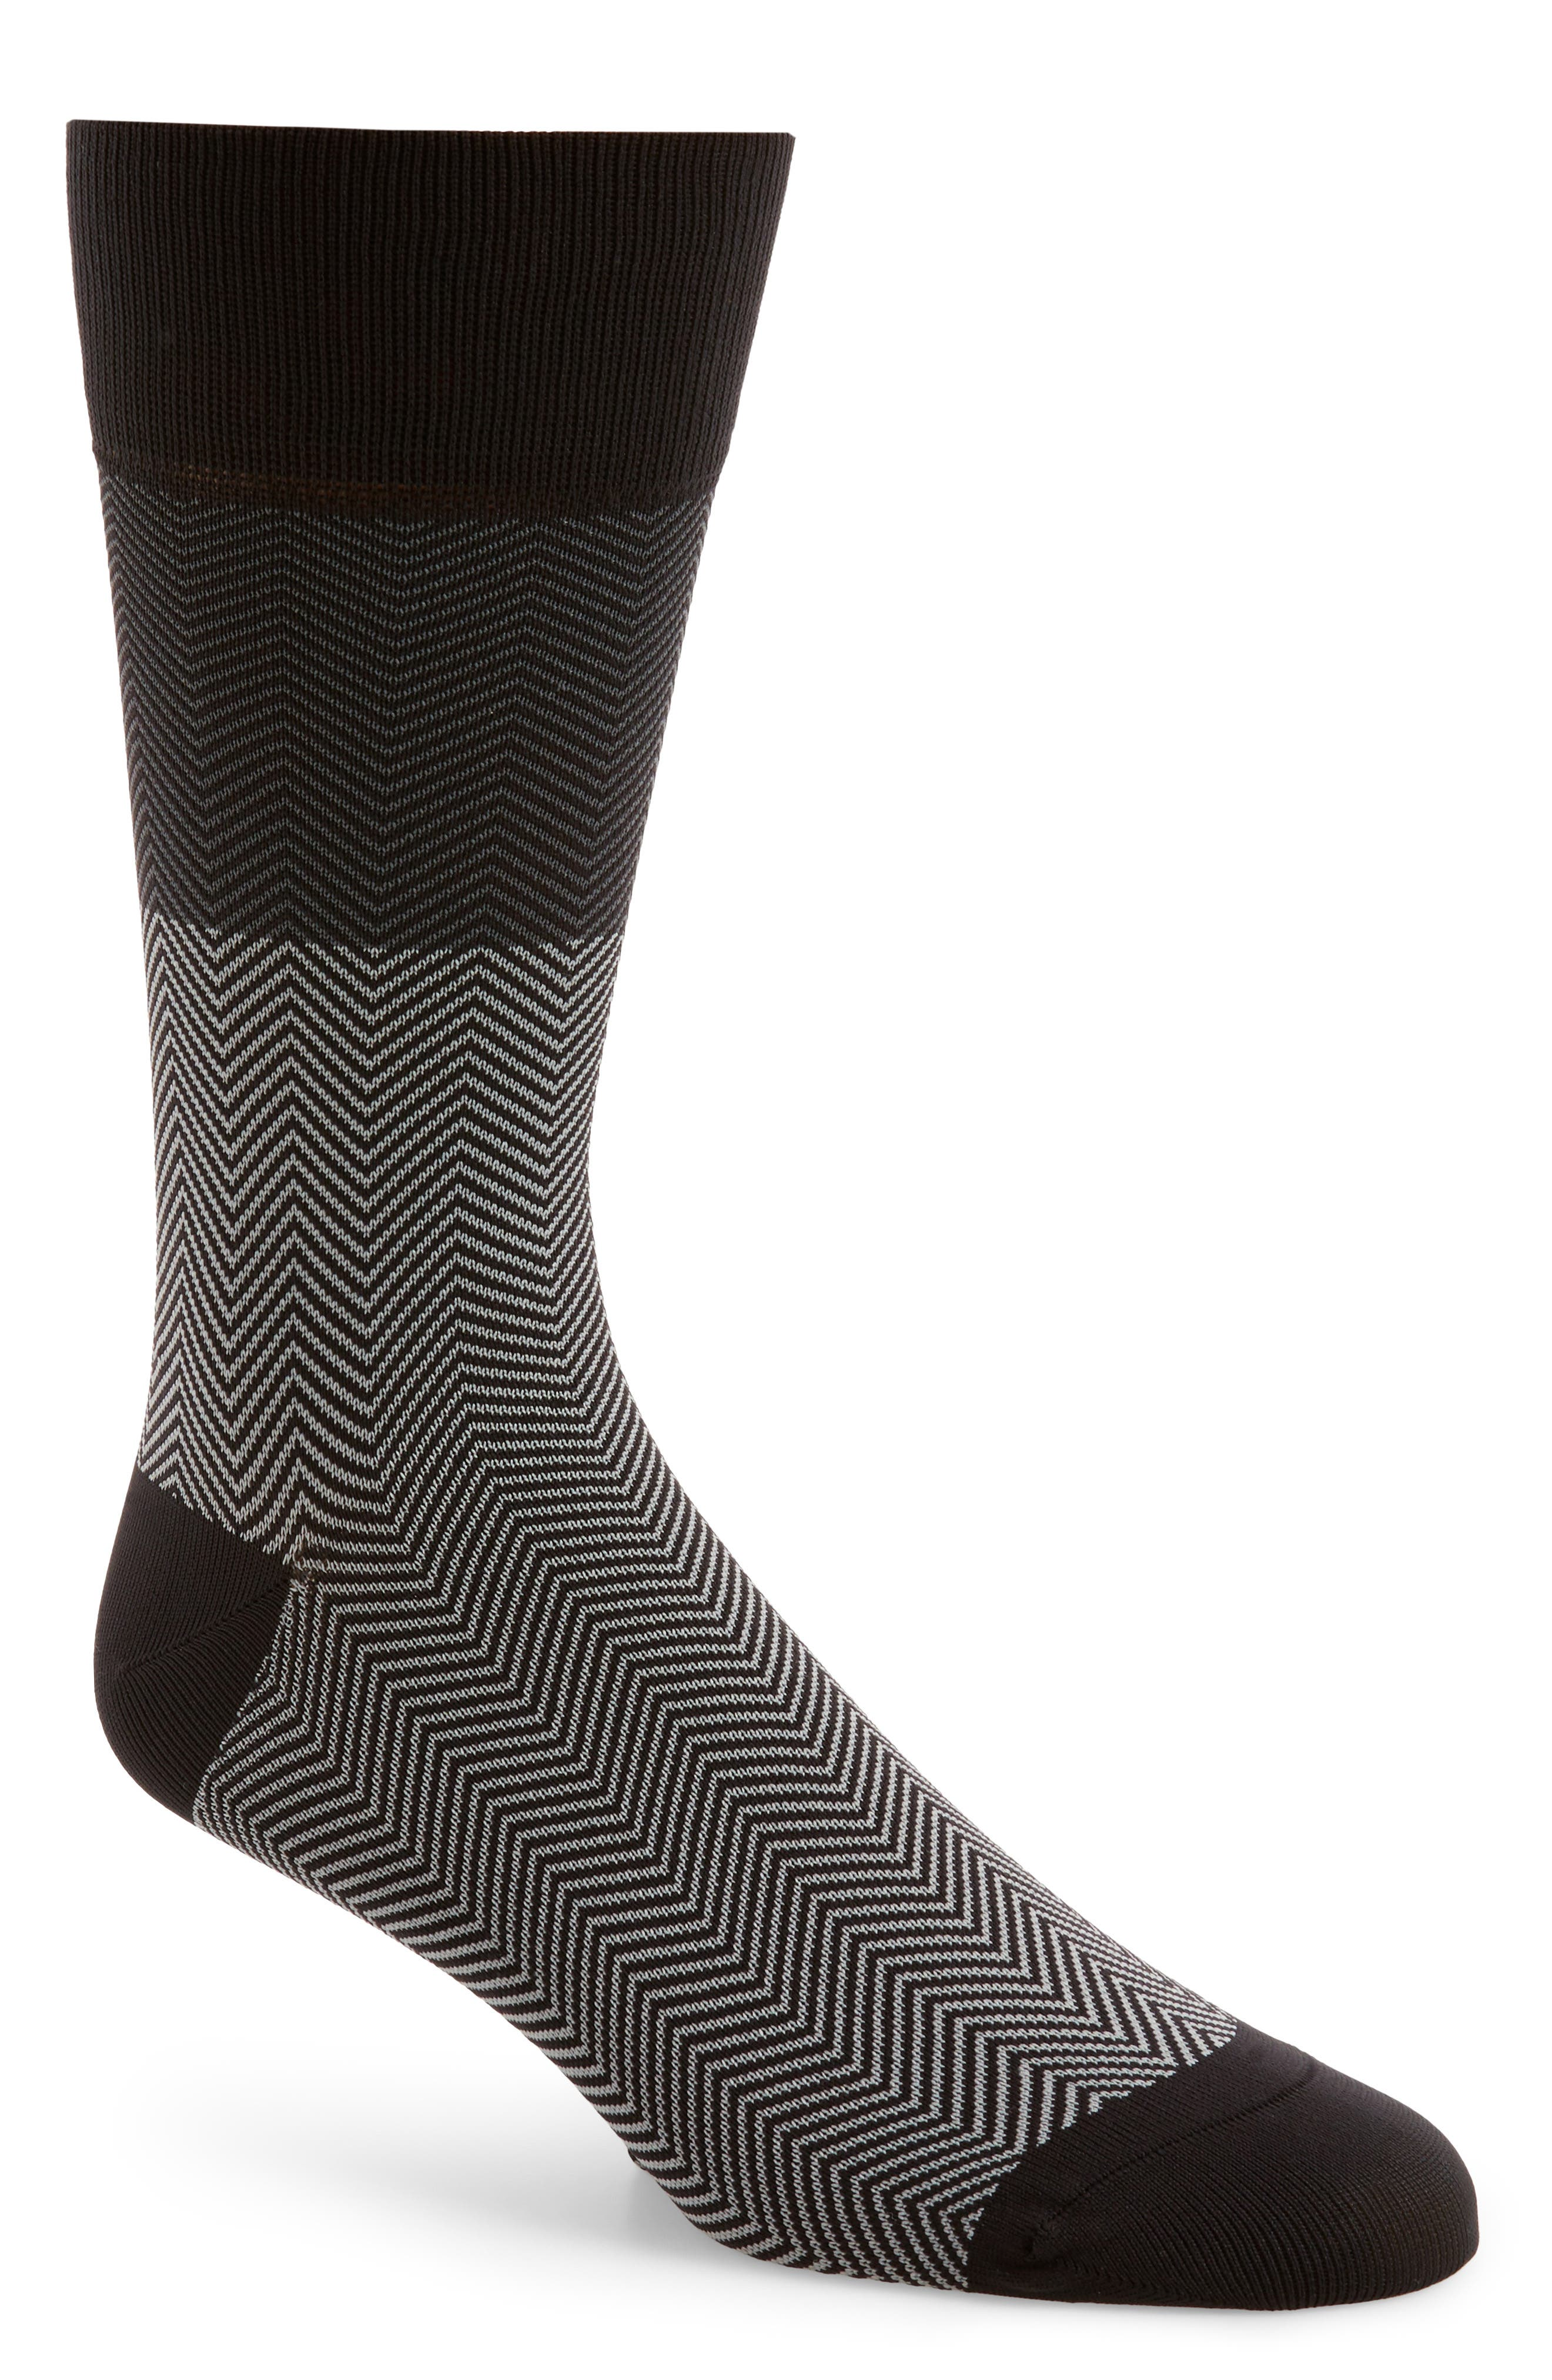 Herringbone Socks,                         Main,                         color, Black